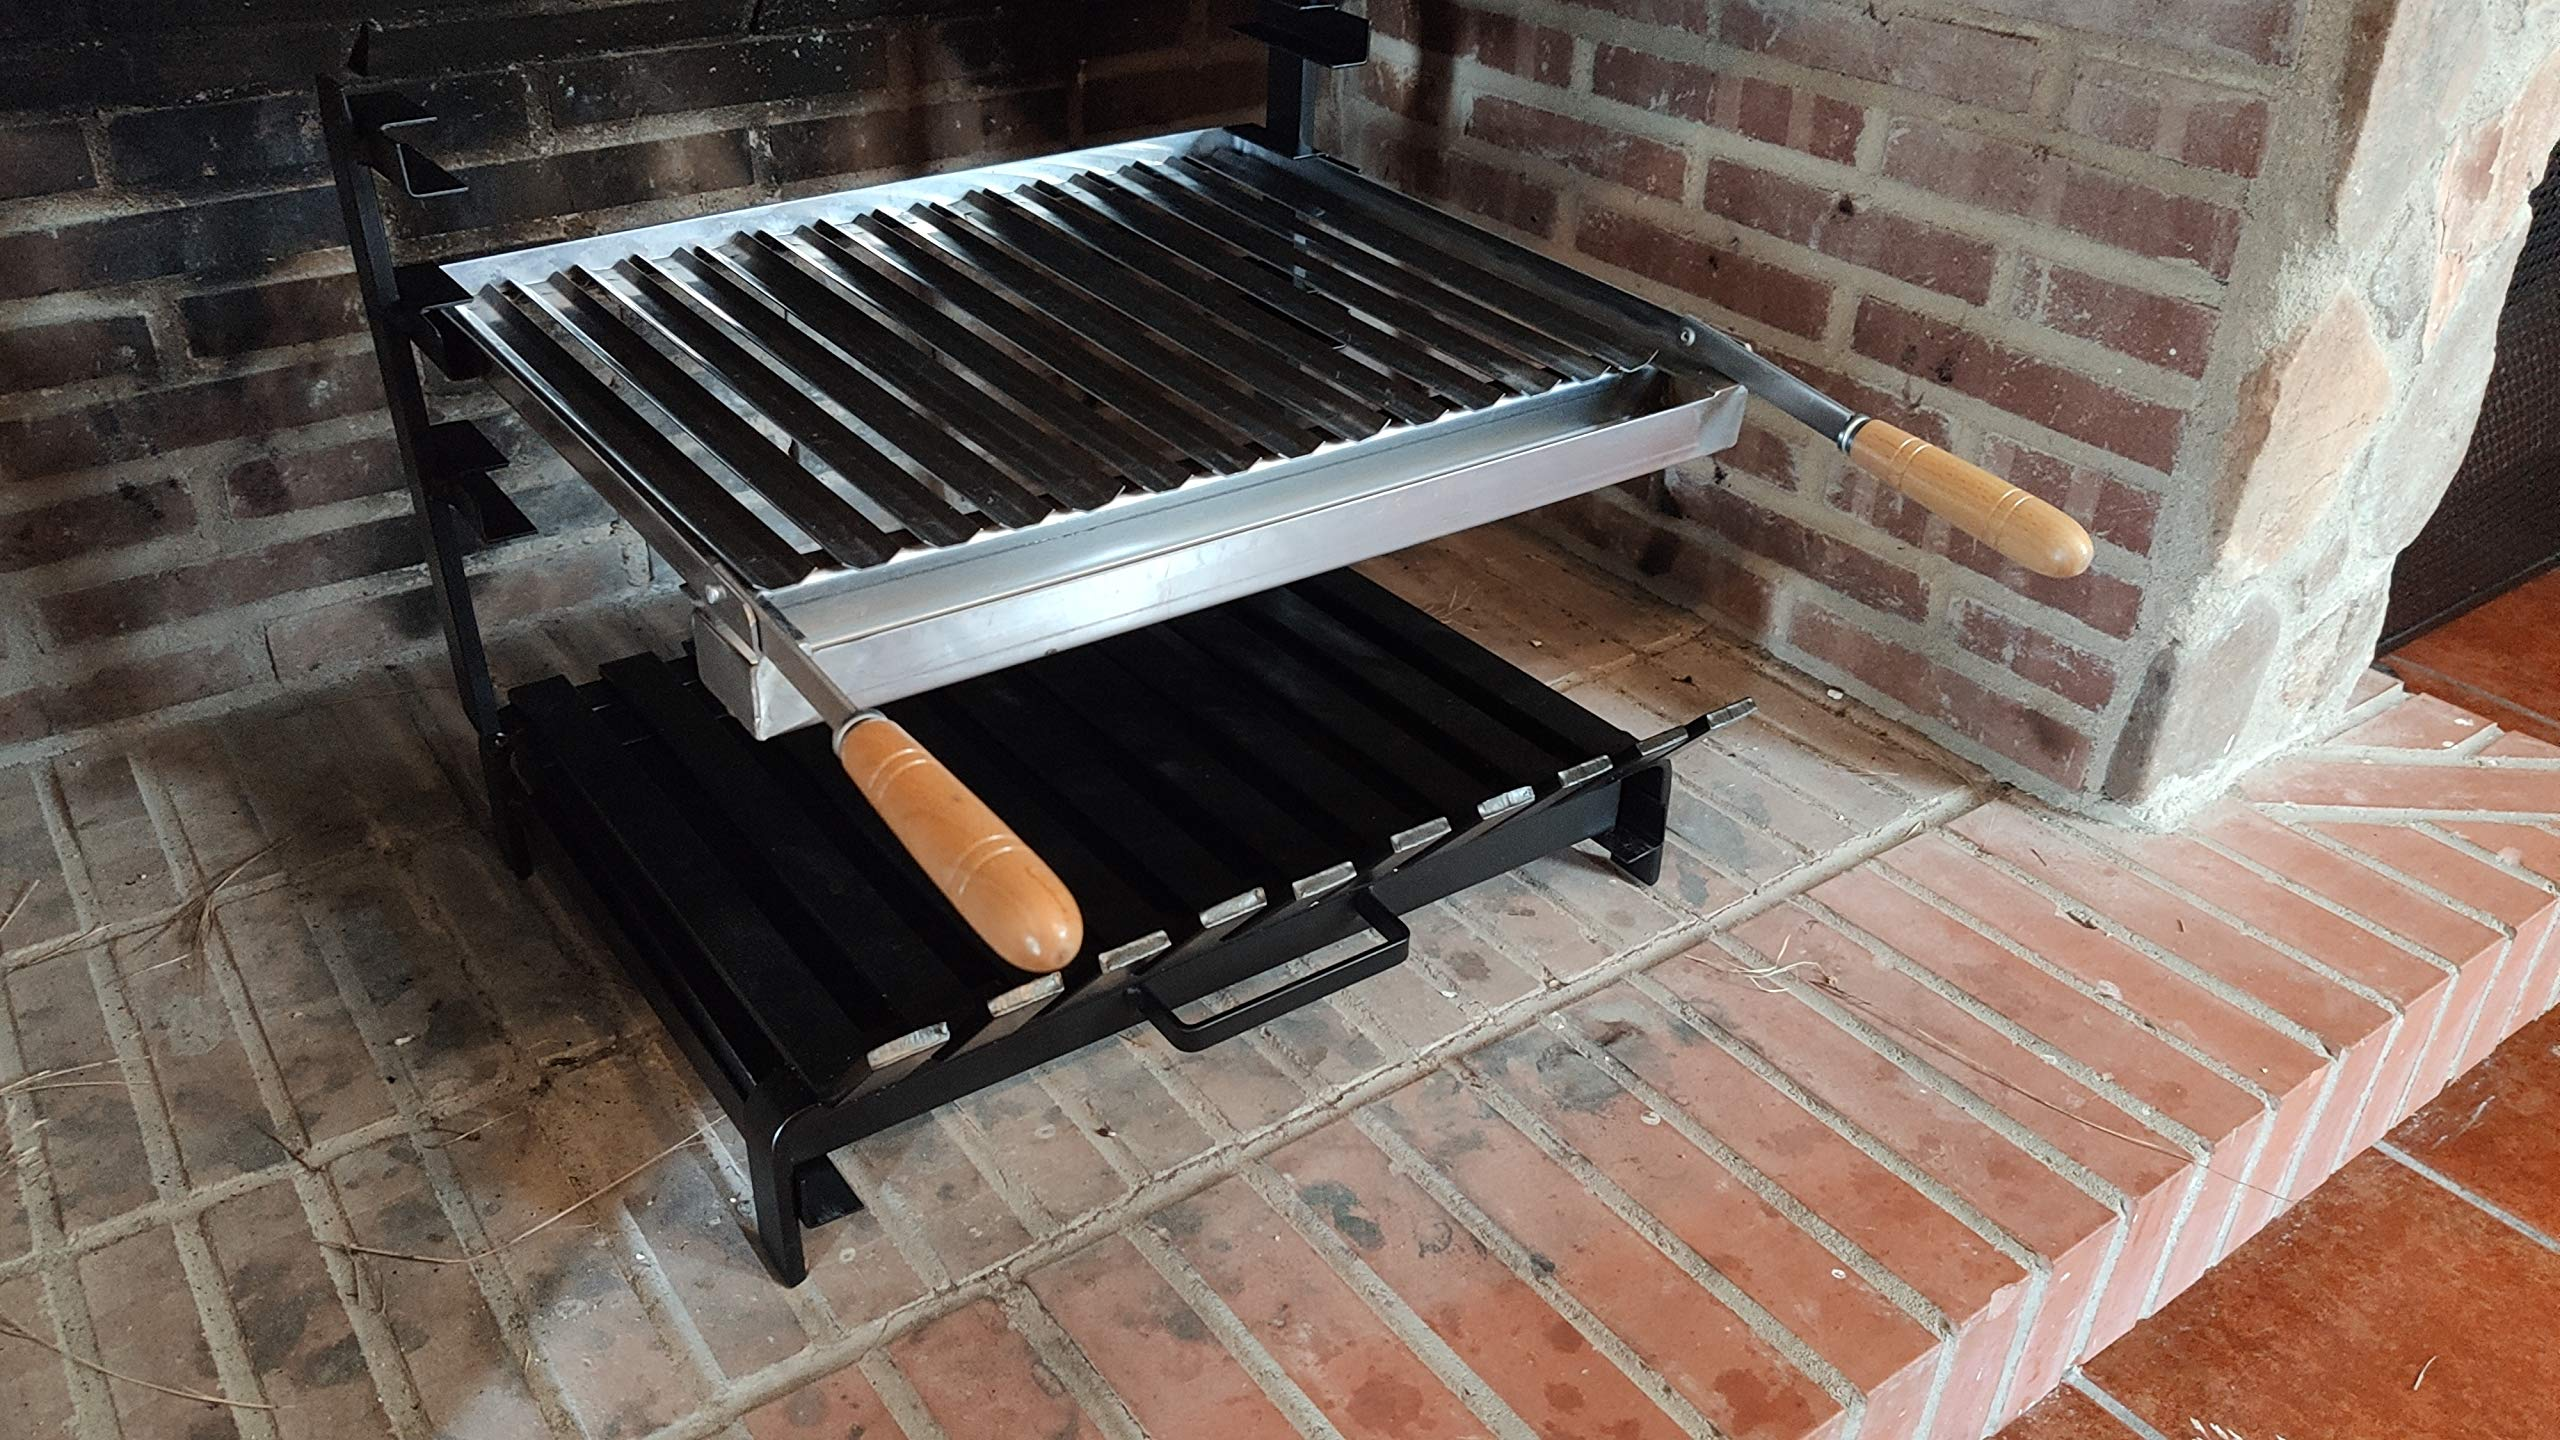 Parrilla Argentina Inox con Recoge-grasas para Barbacoas de Obra y Suelo de Chimenea | Asador Portátil de 3 Alturas con Cajón Recoge-cenizas | Para Carbón o Leña y sus medidas son 500x450x400mms: